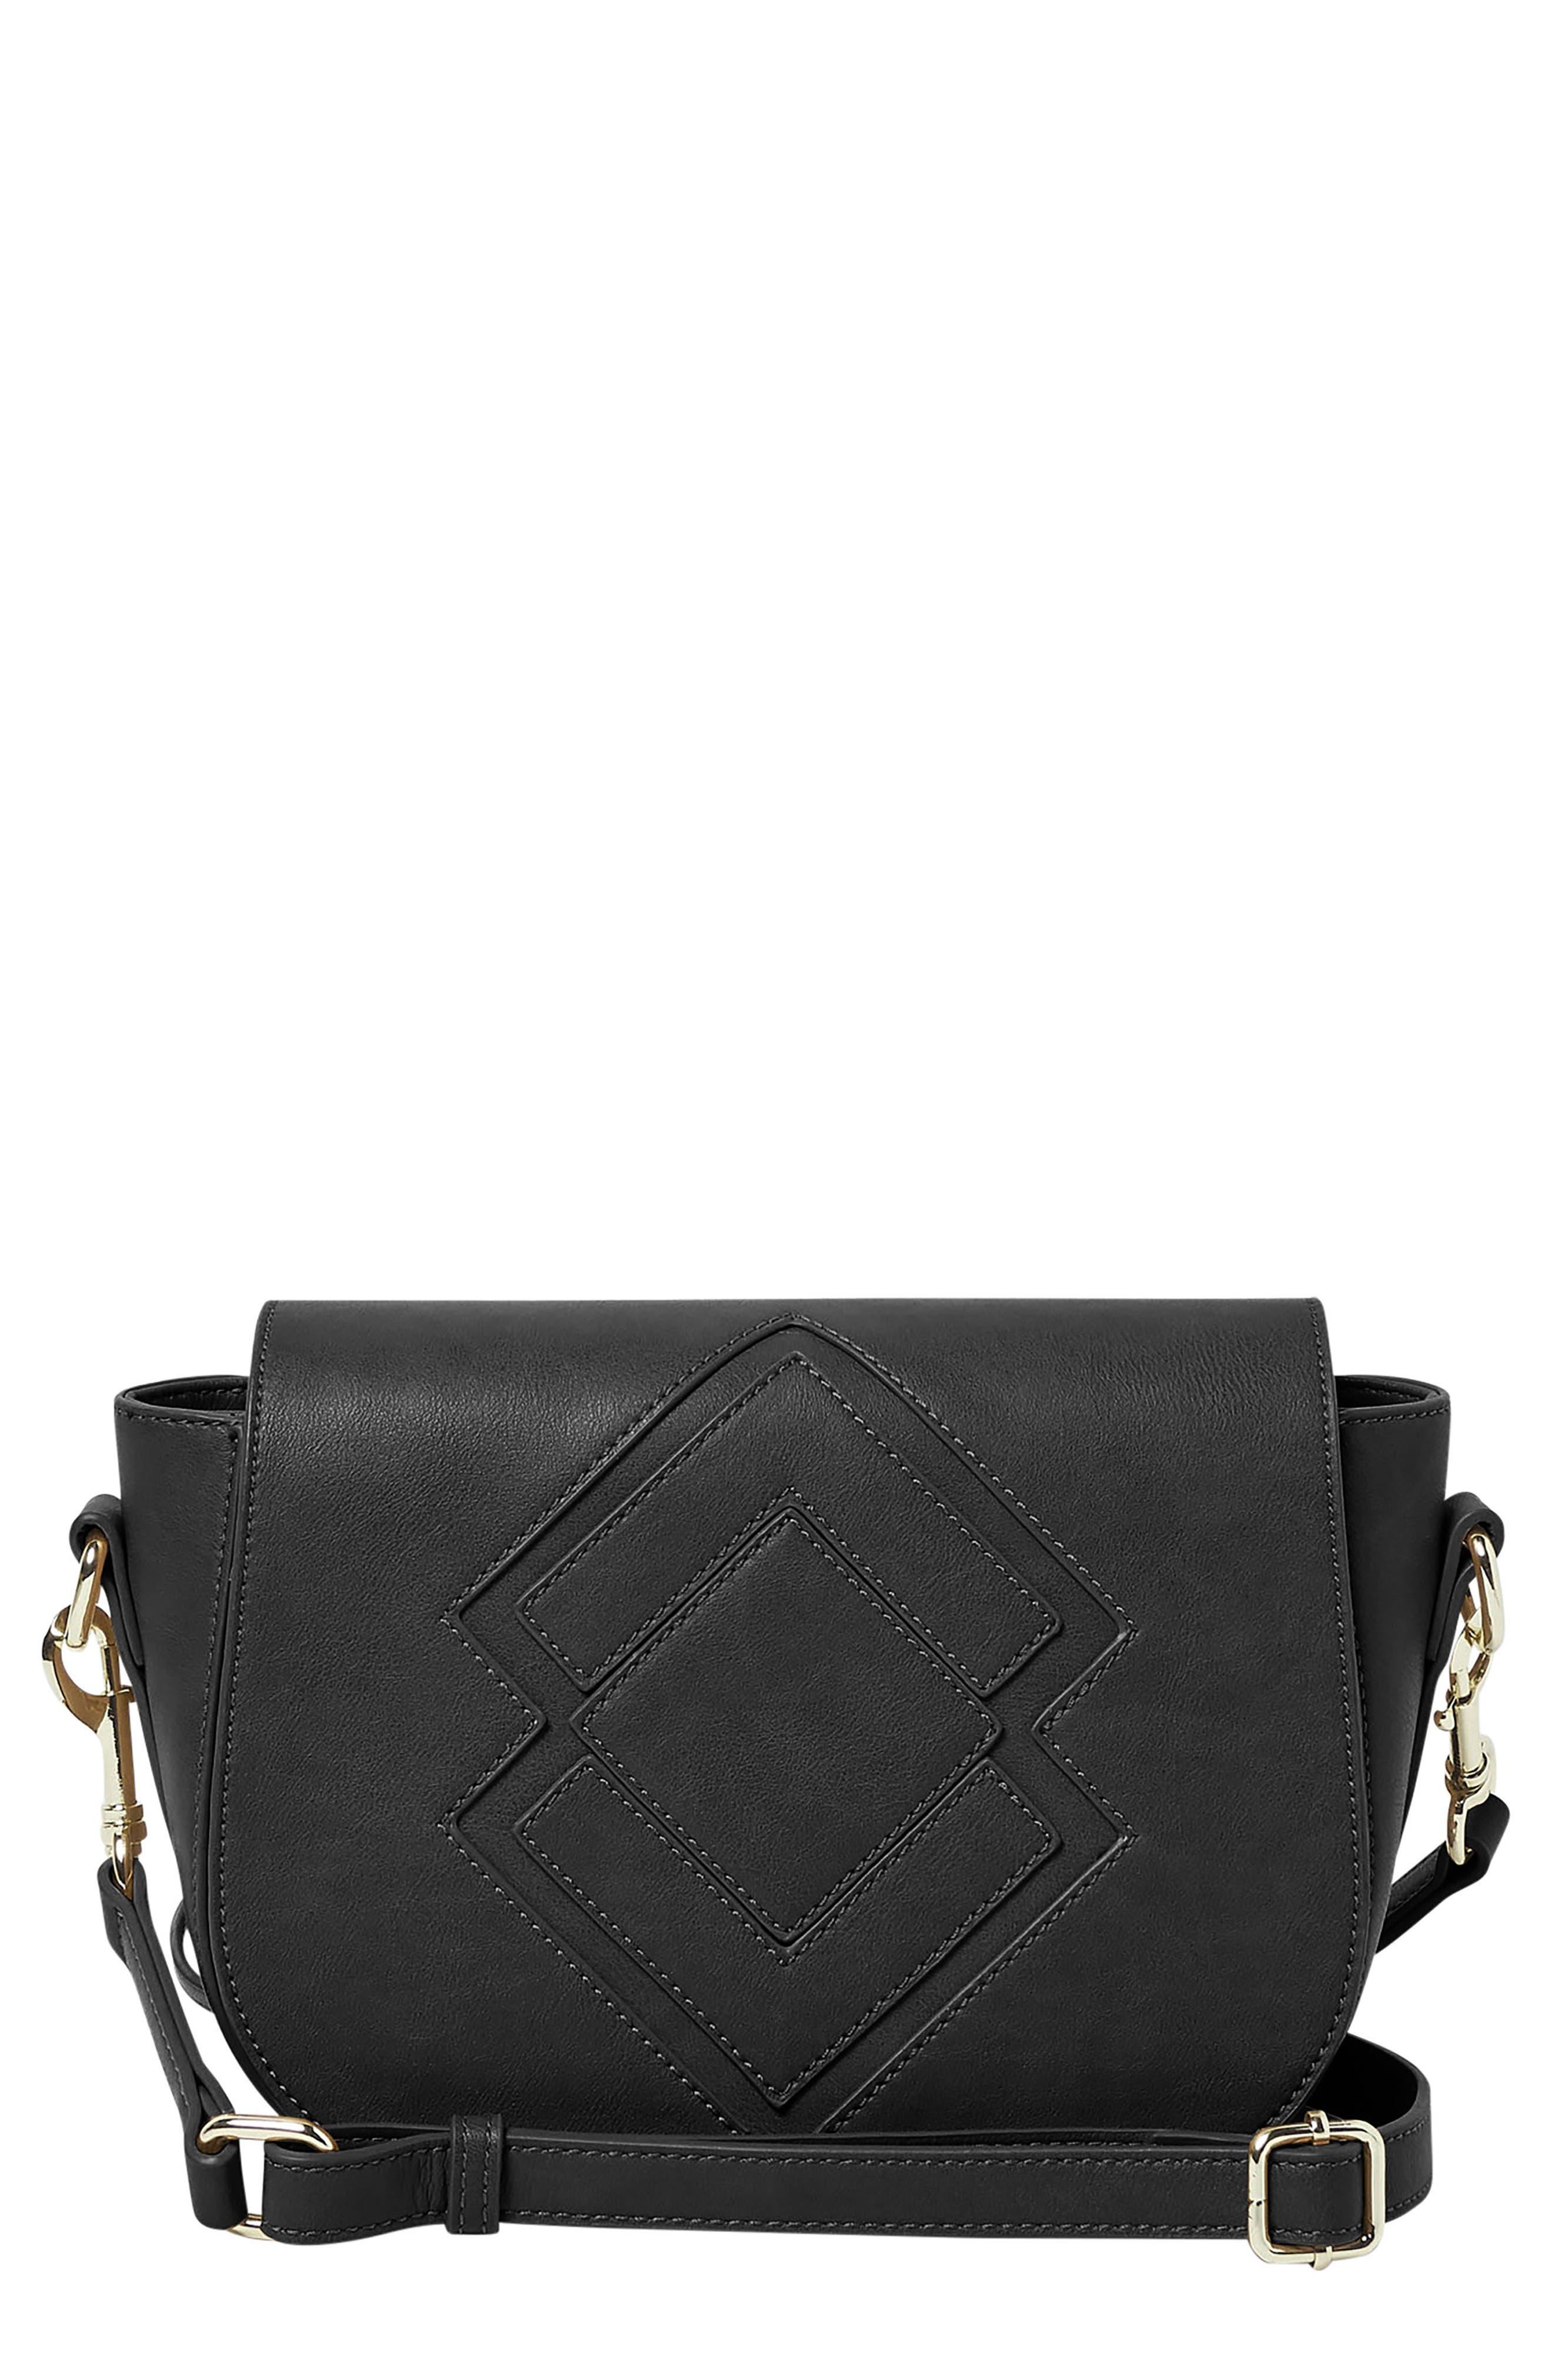 Ventura Vegan Leather Crossbody Bag,                         Main,                         color, Black